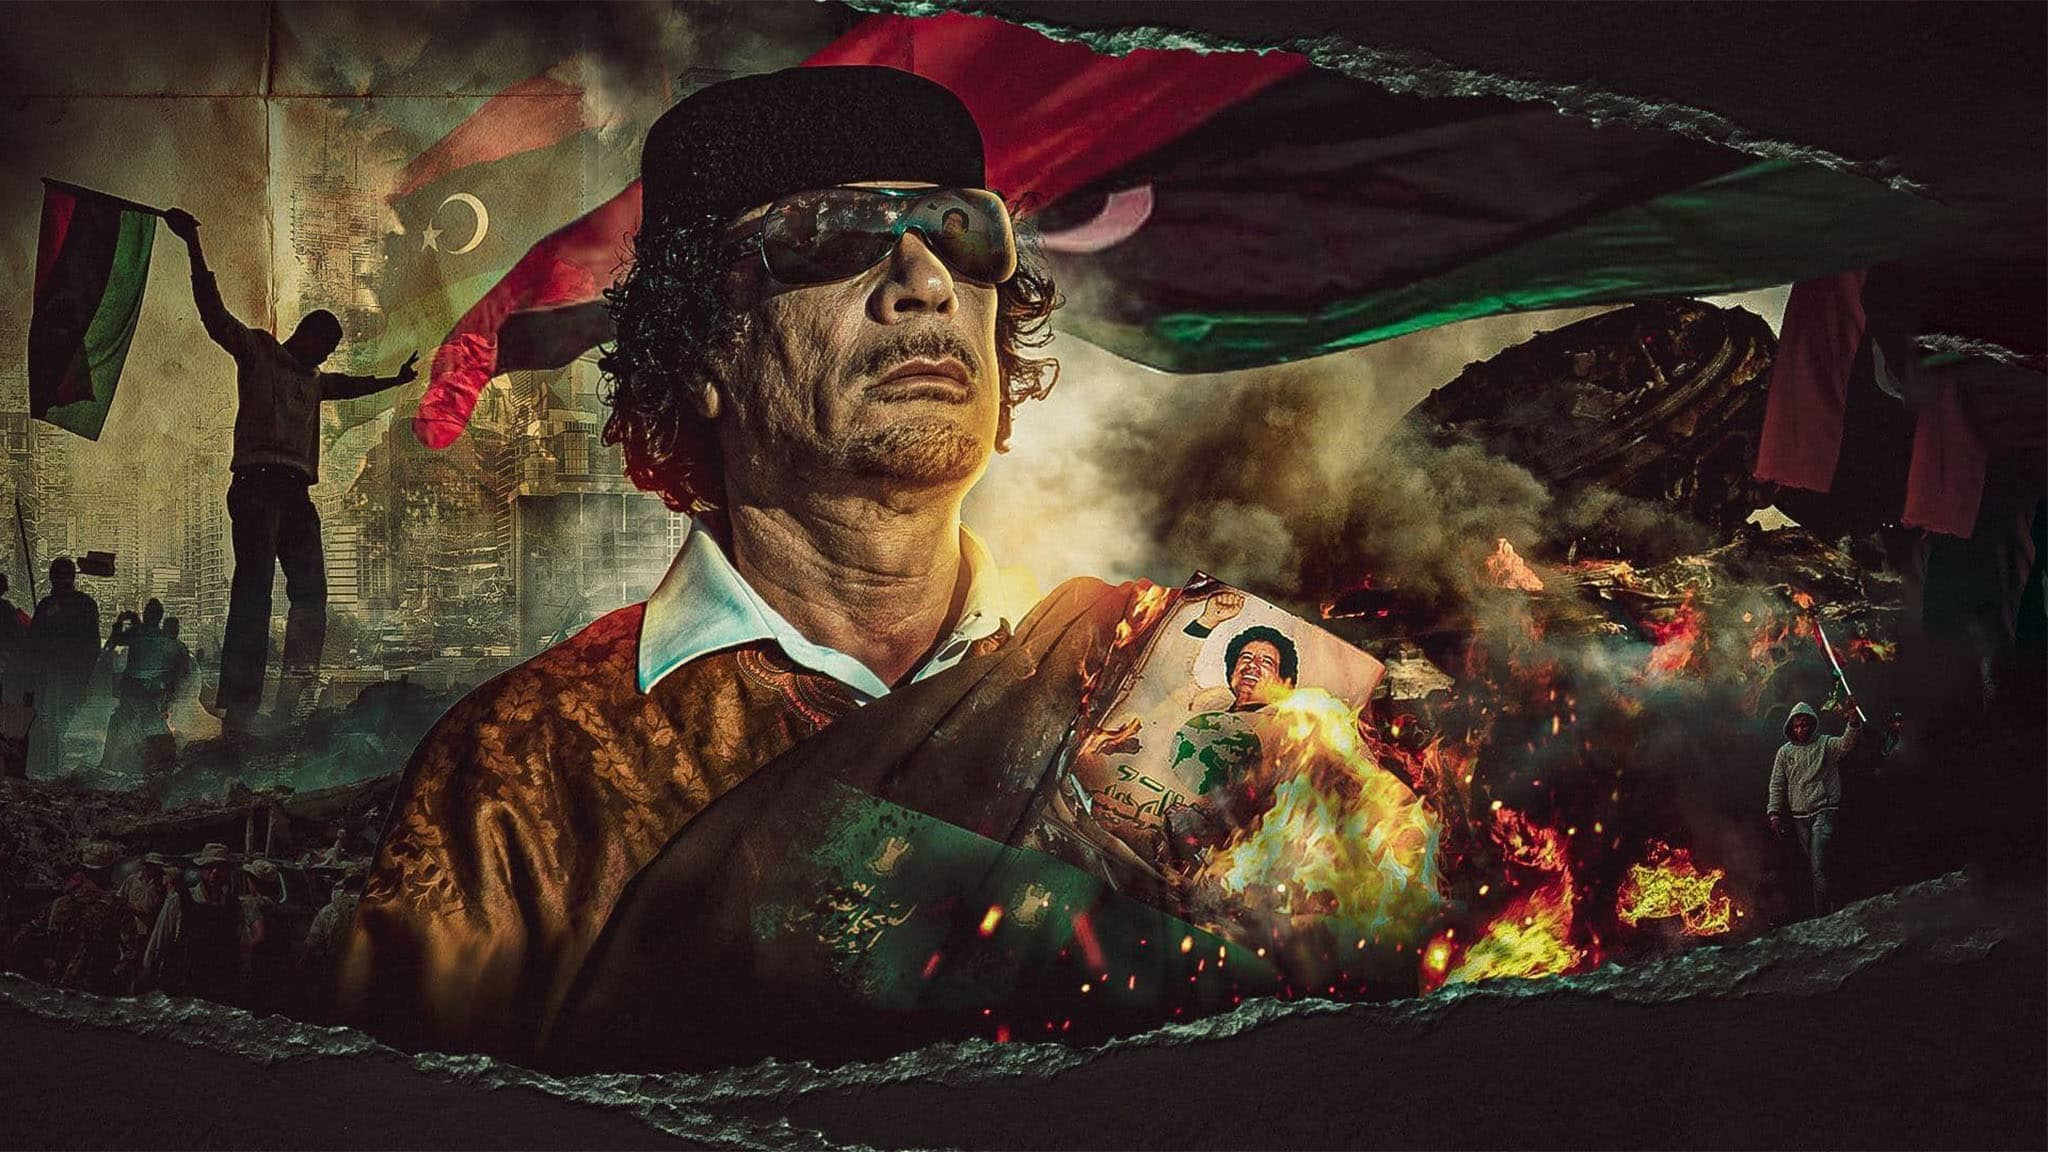 فيلم القذافي الايام الاخيرة 2021